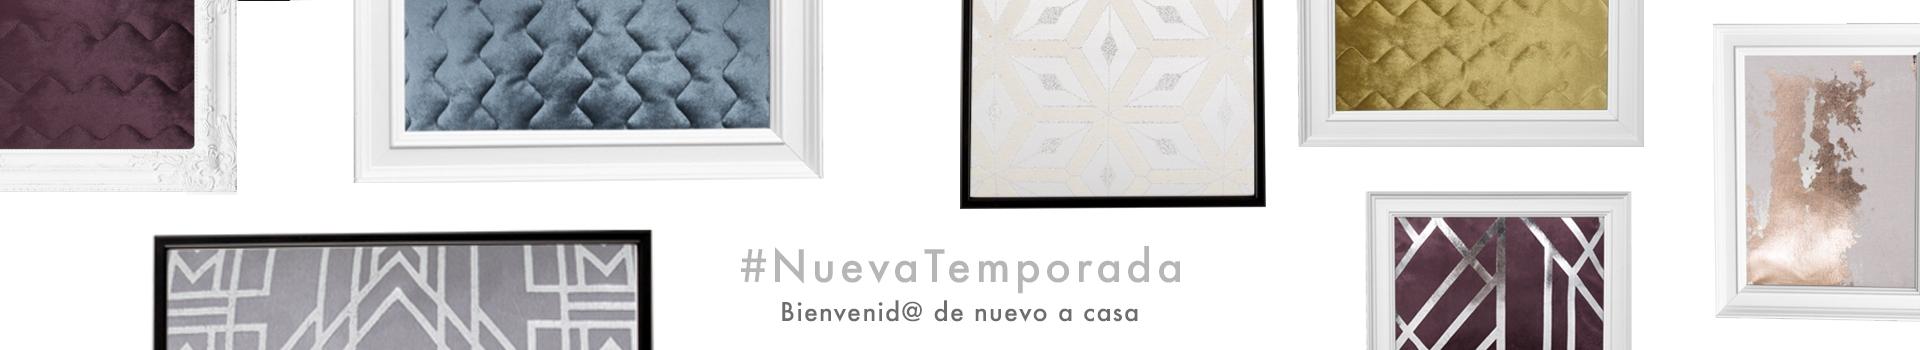 banner-cojines-nueva-temporada